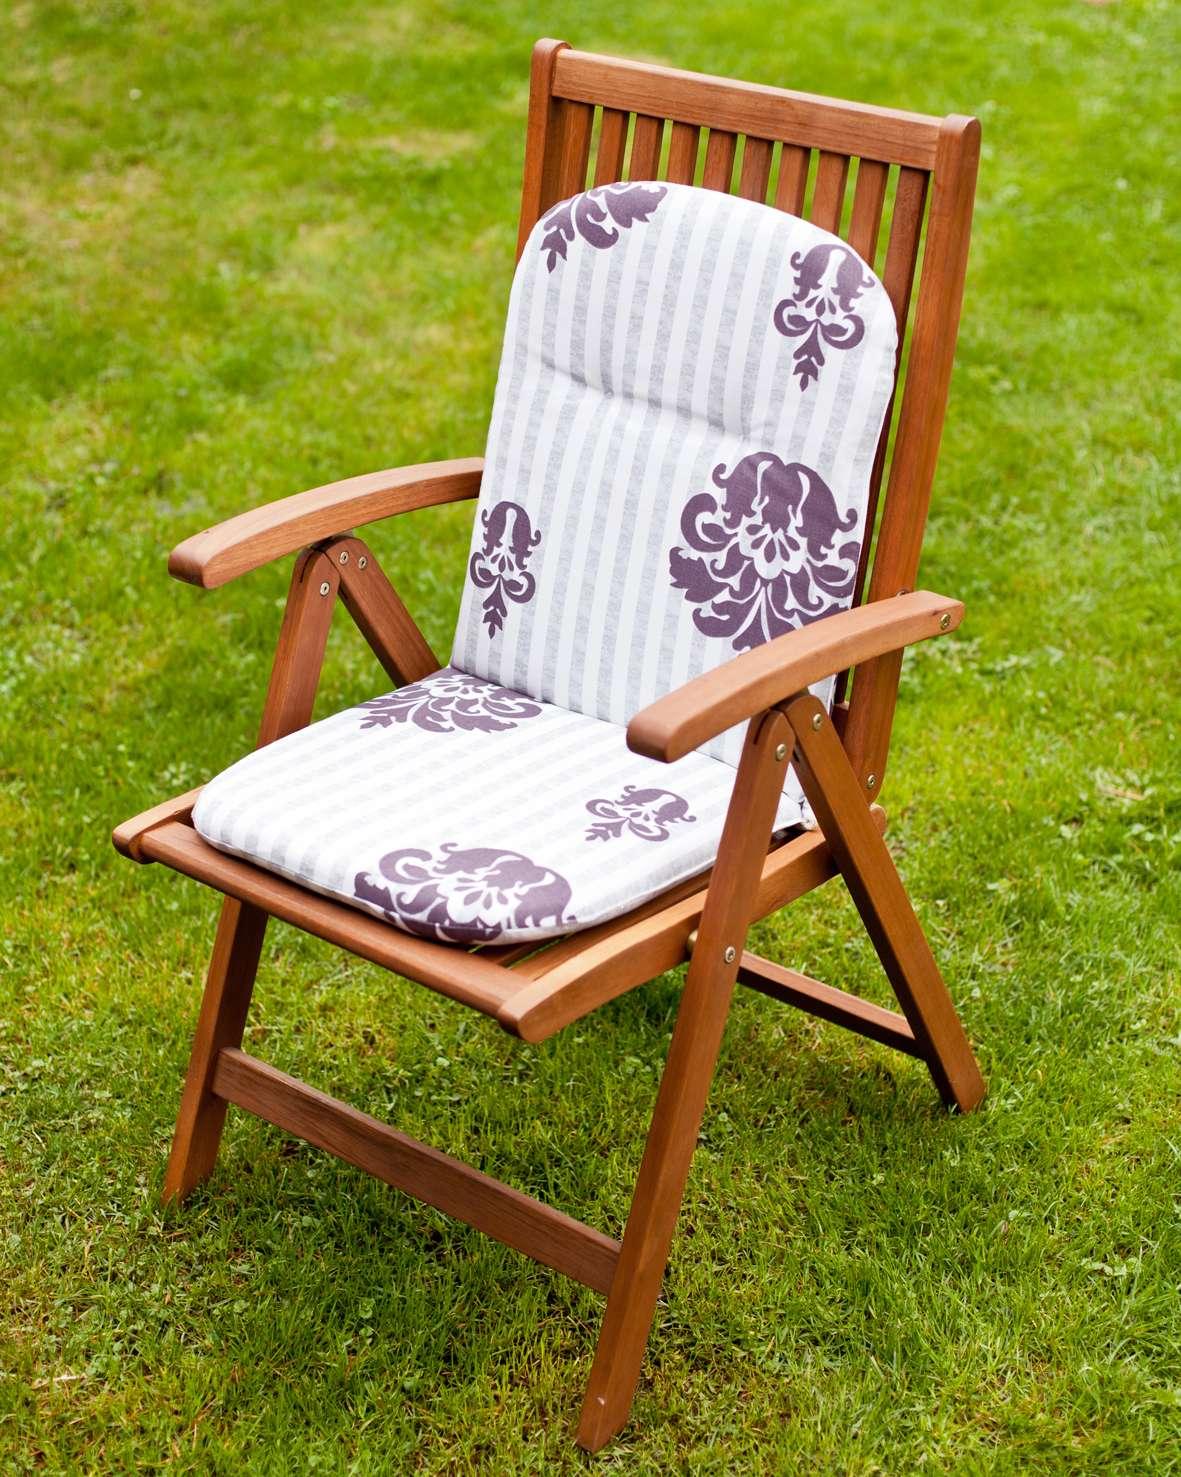 Kėdės čiužinys 90 x 45 x 3,5 cm (35,5 x 18 x 1,5 inch)